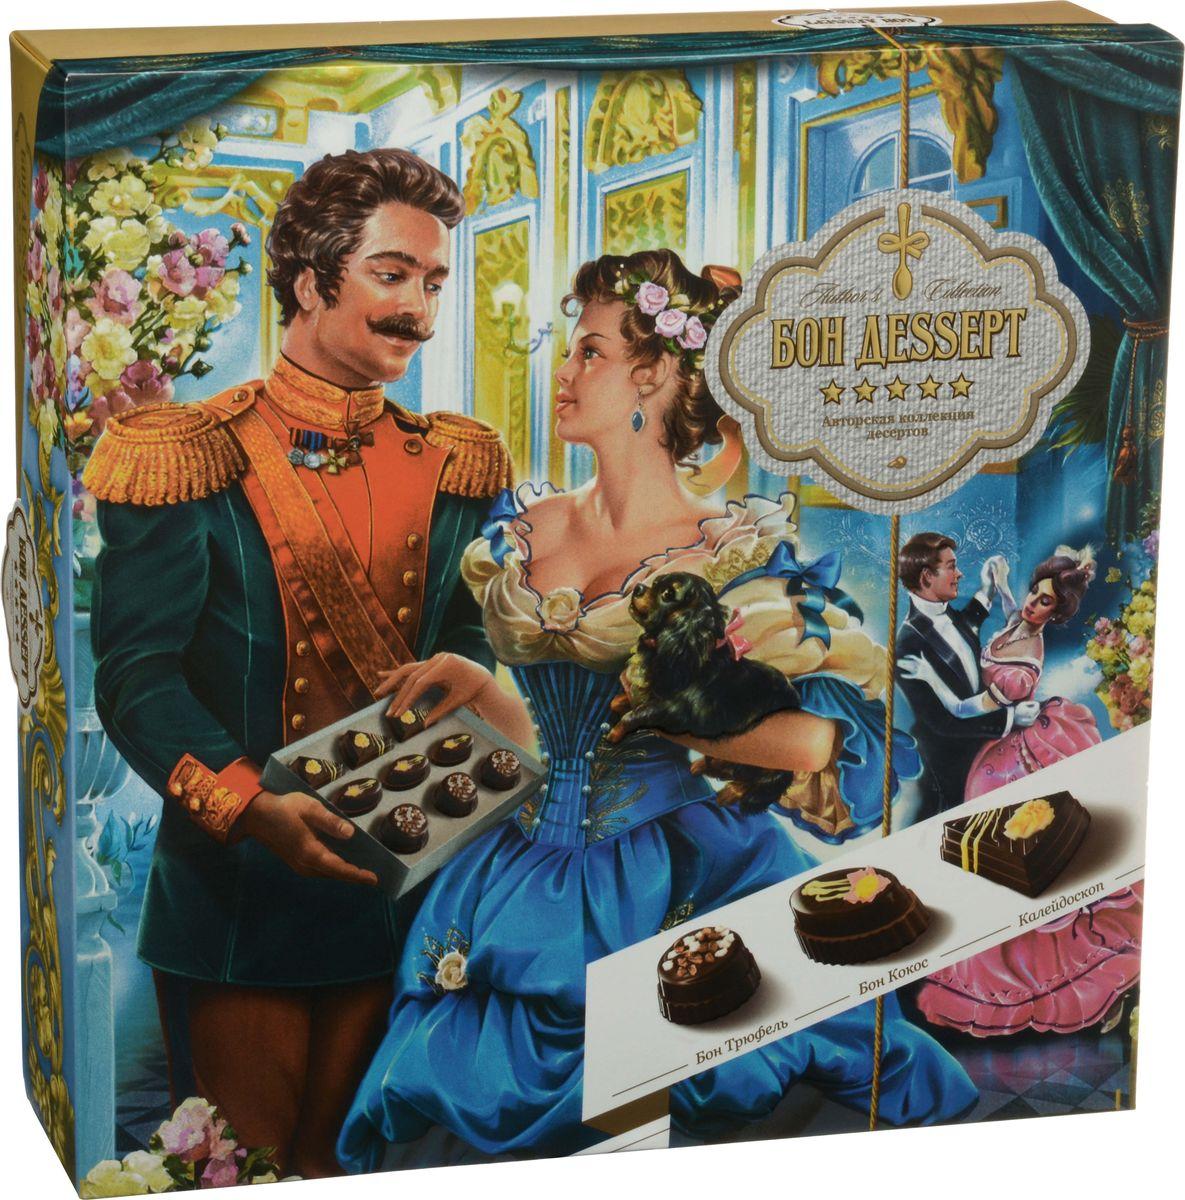 Бон Деssерт ассорти шоколадных конфет-десертов ручной работы На балу, 230 г vobro frutti di mare набор шоколадных конфет в виде морских ракушек 175 г